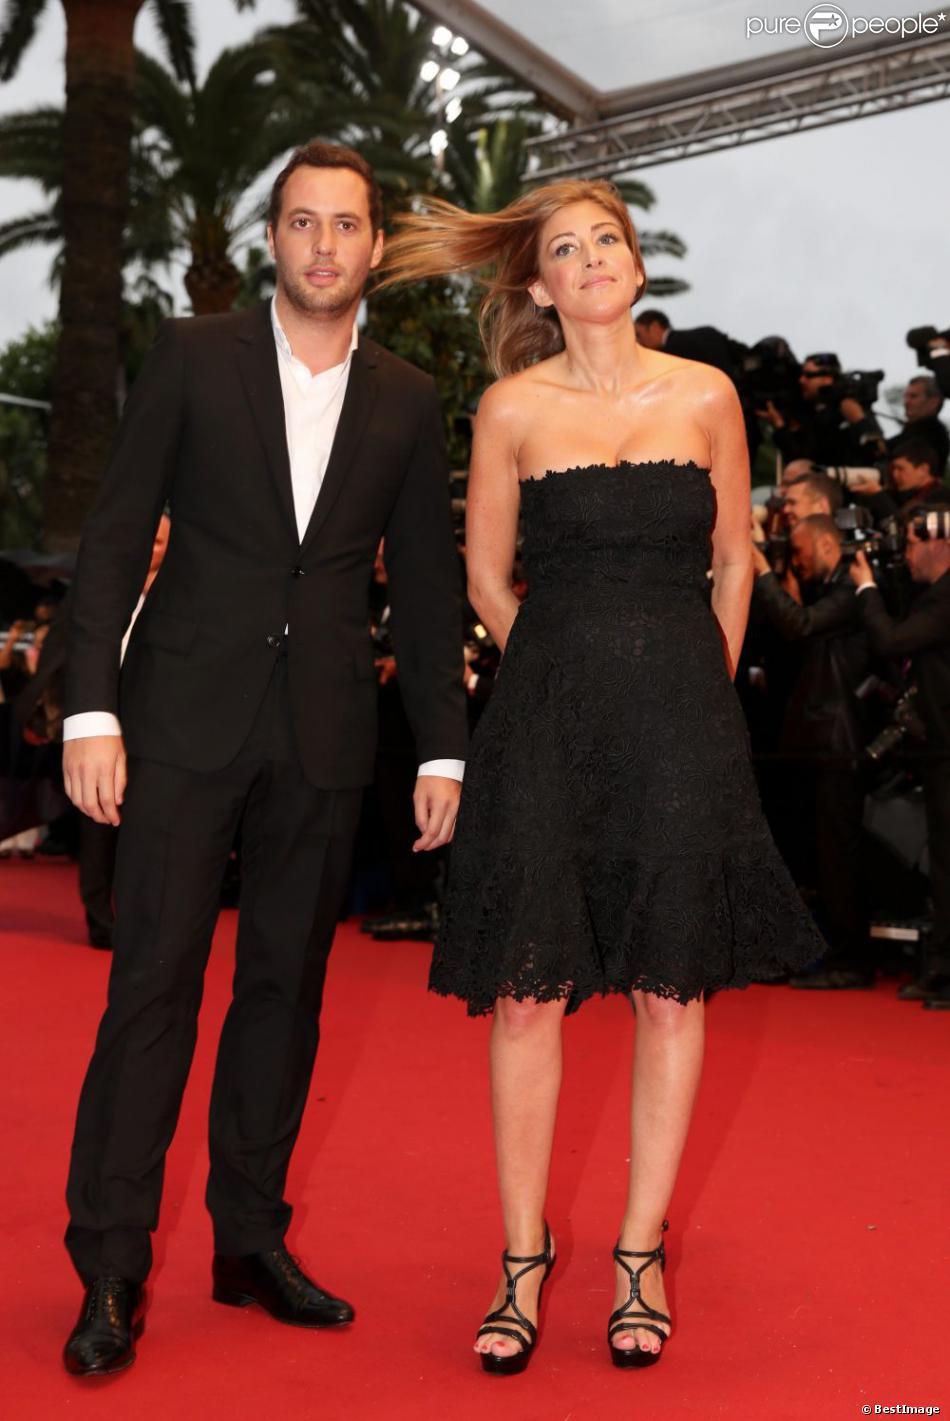 Amanda Sthers et son compagnon Thierry Weinberg lors de la montée des marches le 15 mai 2013 à l'occasion du premier jour du 66e Festival de Cannes